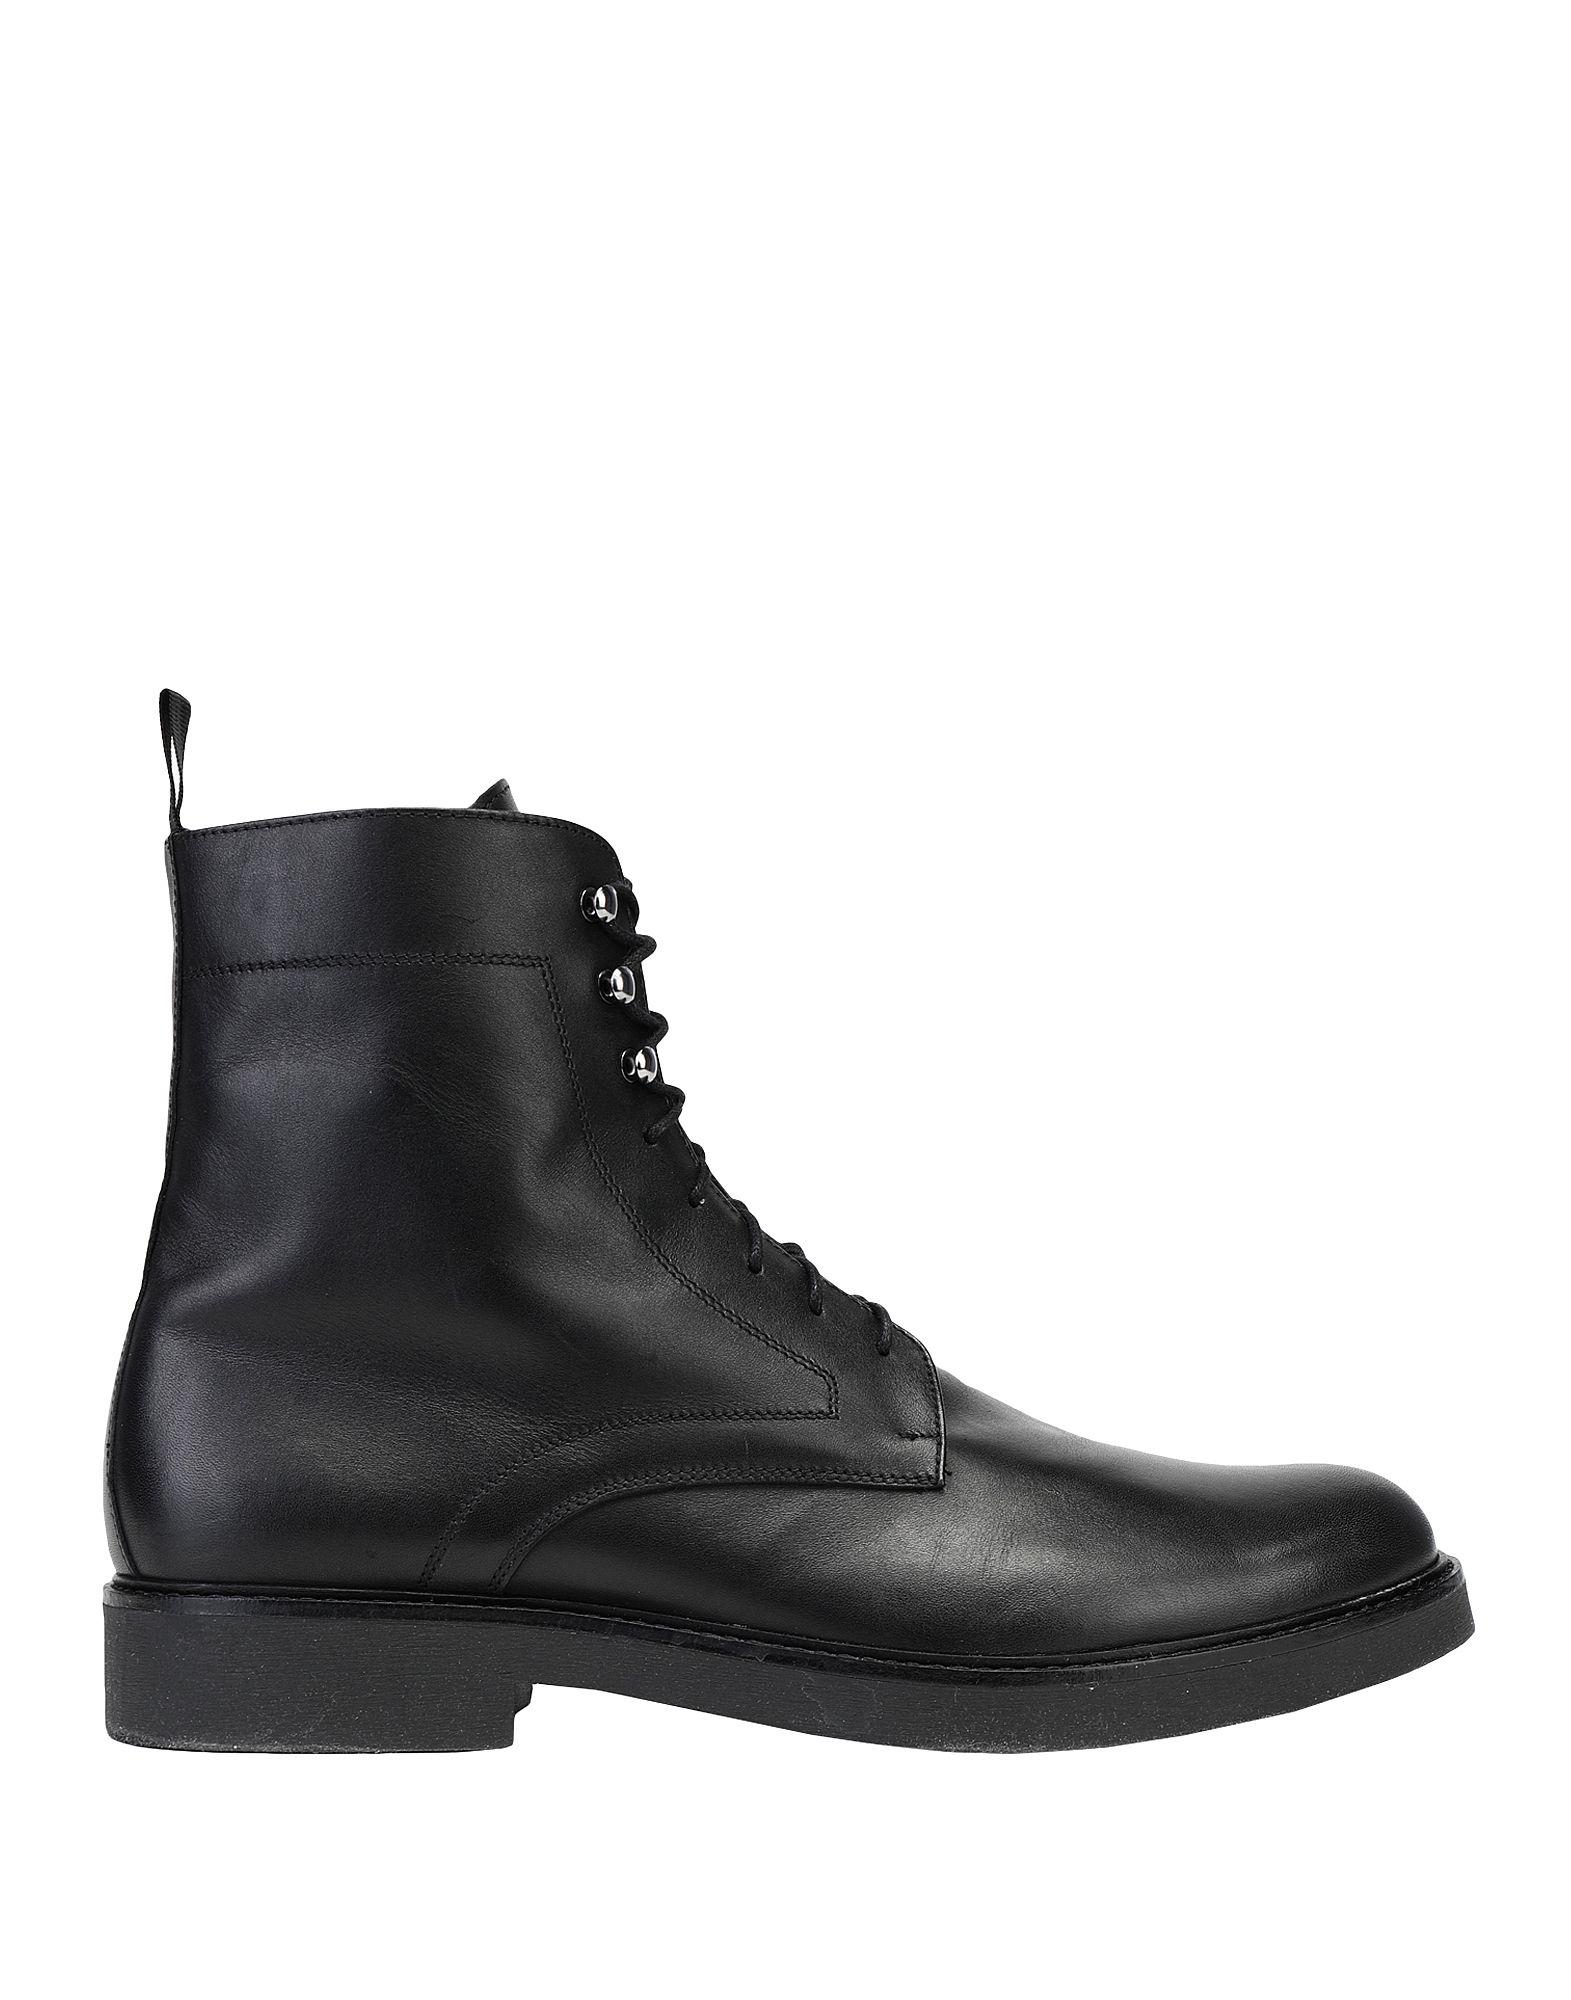 8 by YOOX Полусапоги и высокие ботинки